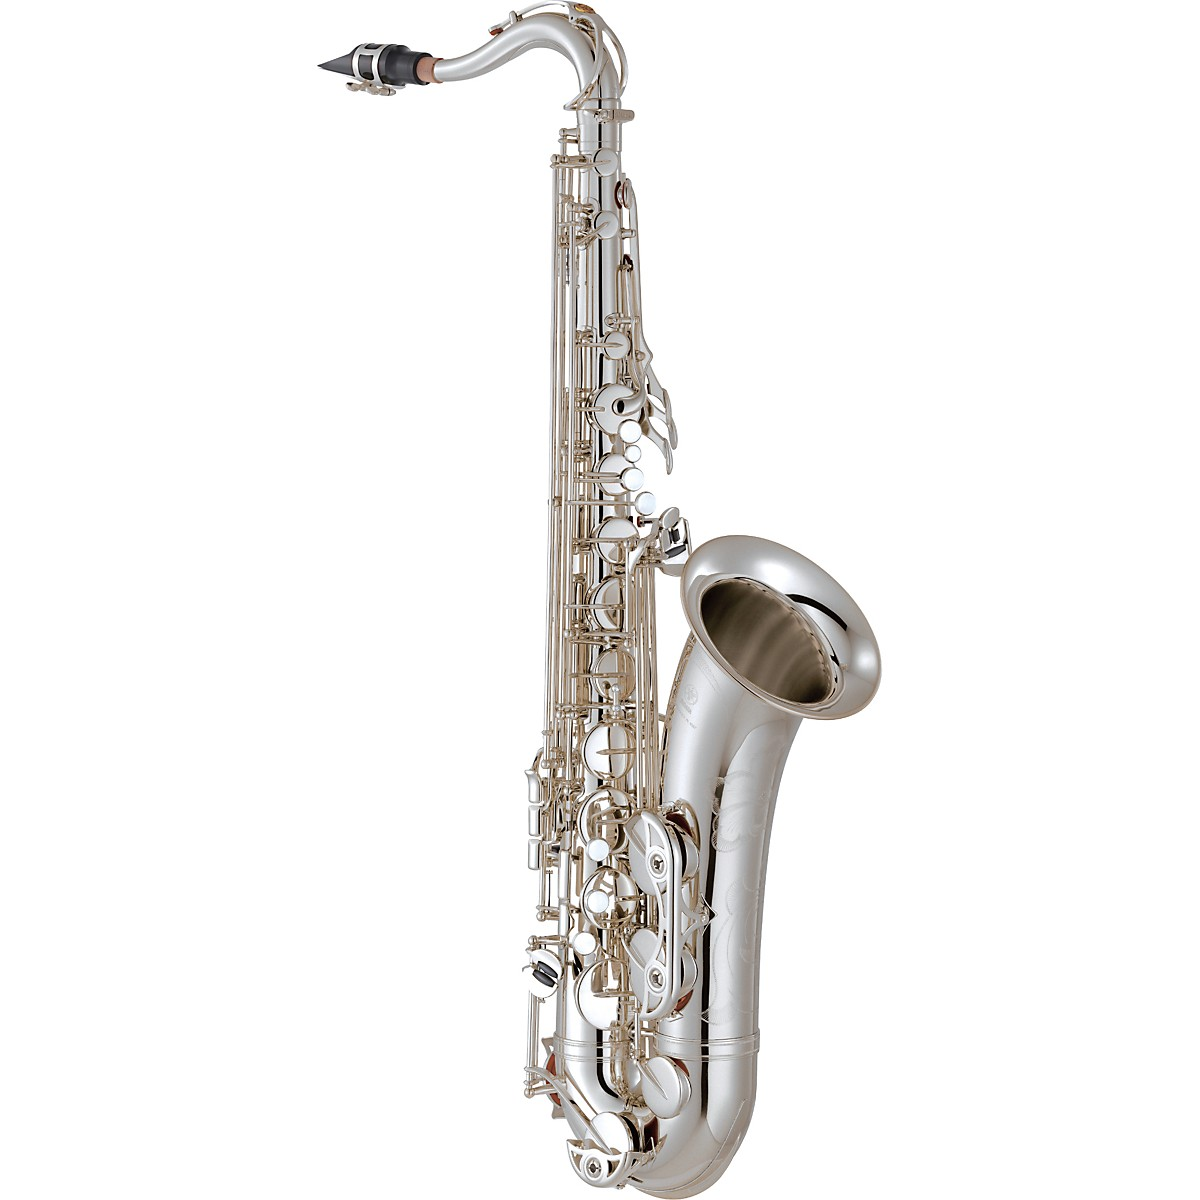 Yamaha YTS-62III Professional Tenor Saxophone